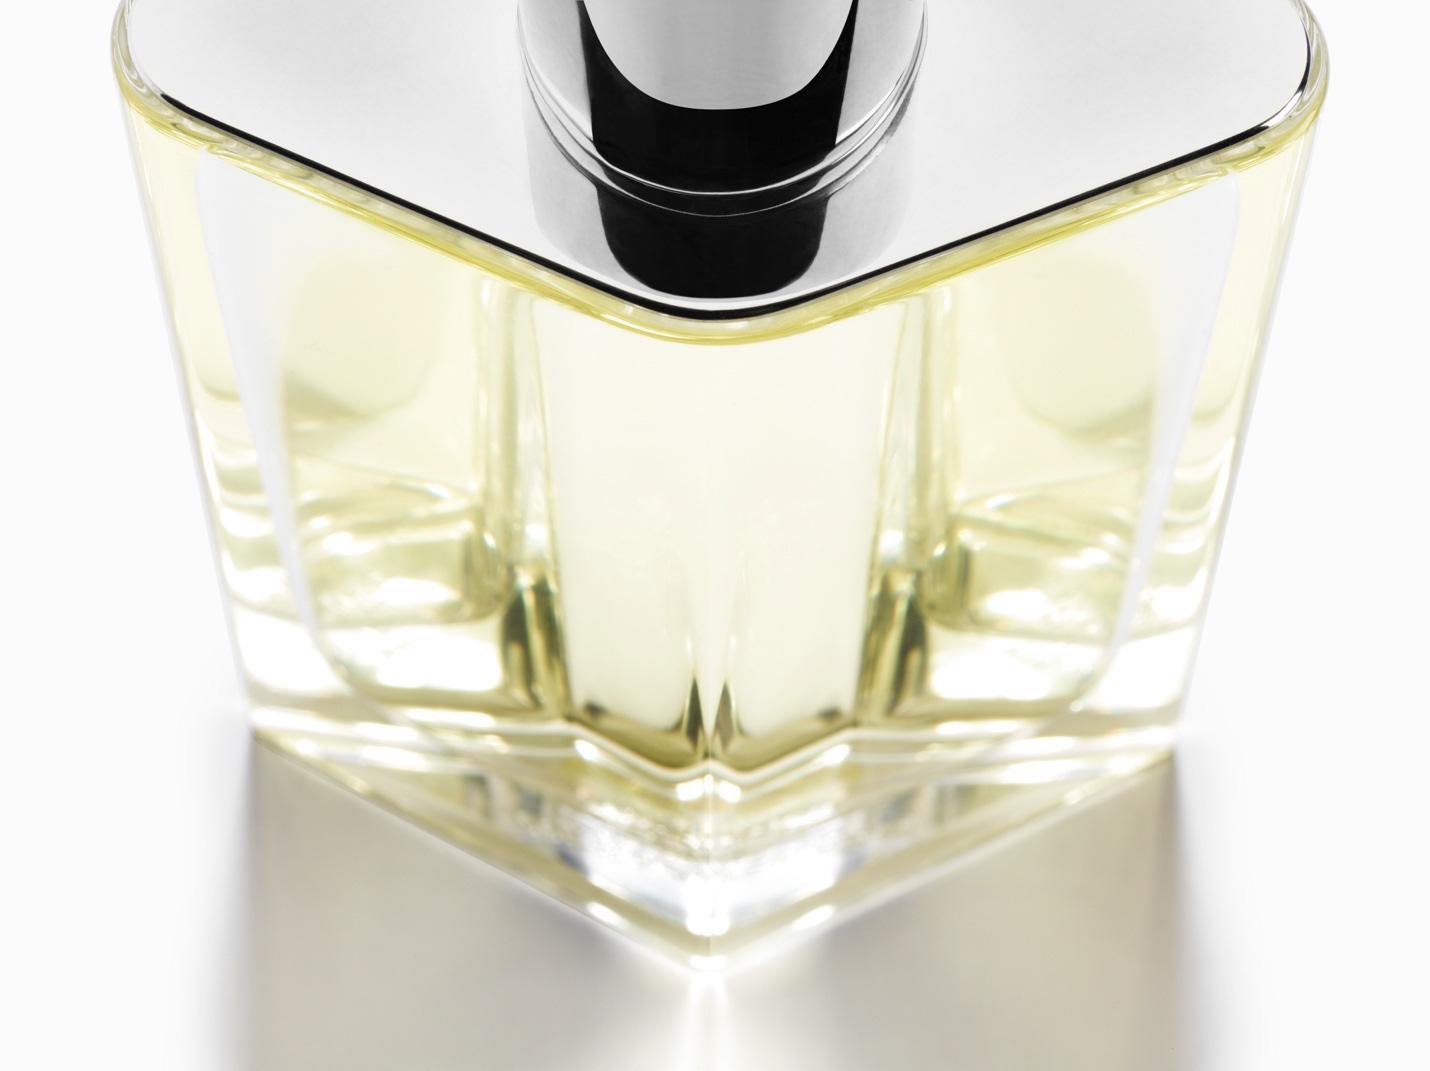 """Mùi hương mới từ Hermès: Sau Terre d'Hermès, đây sẽ là """"tượng đài"""" mới của các chàng trai cá tính - Ảnh 2."""